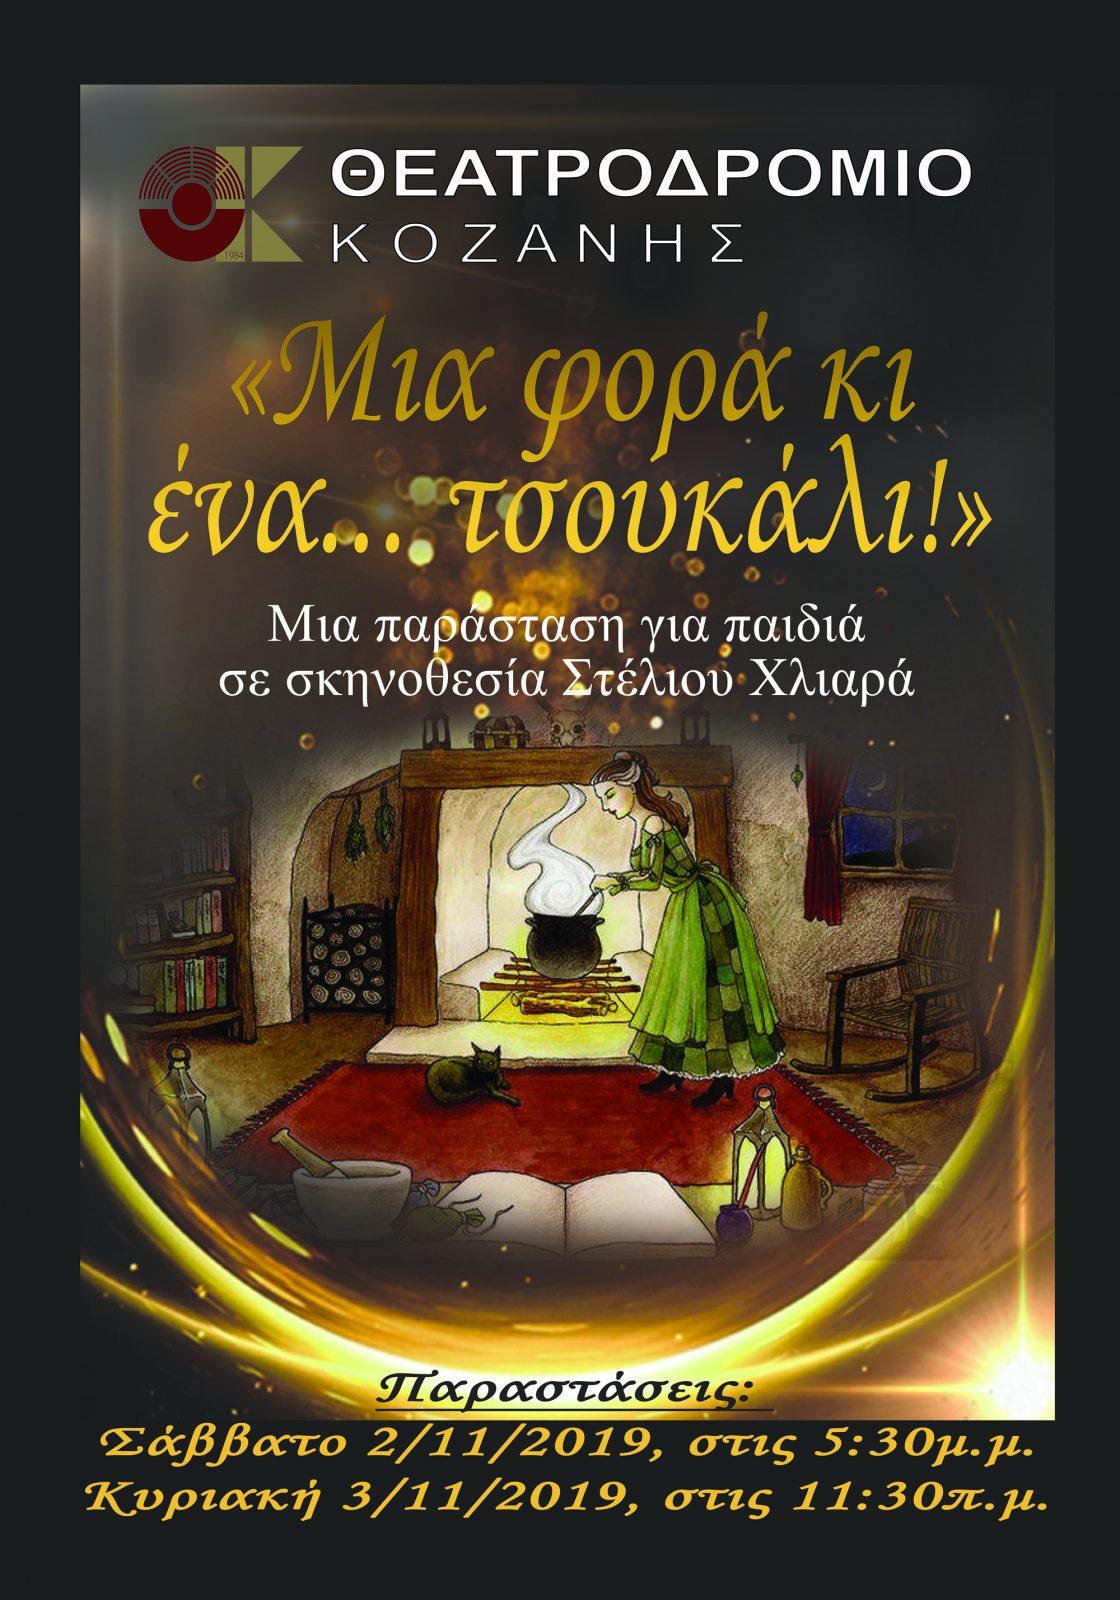 «Μια φορά κι ένα…Τσουκάλι» - Μια παράσταση για παιδιά στο Θεατροδρόμιο Κοζάνης